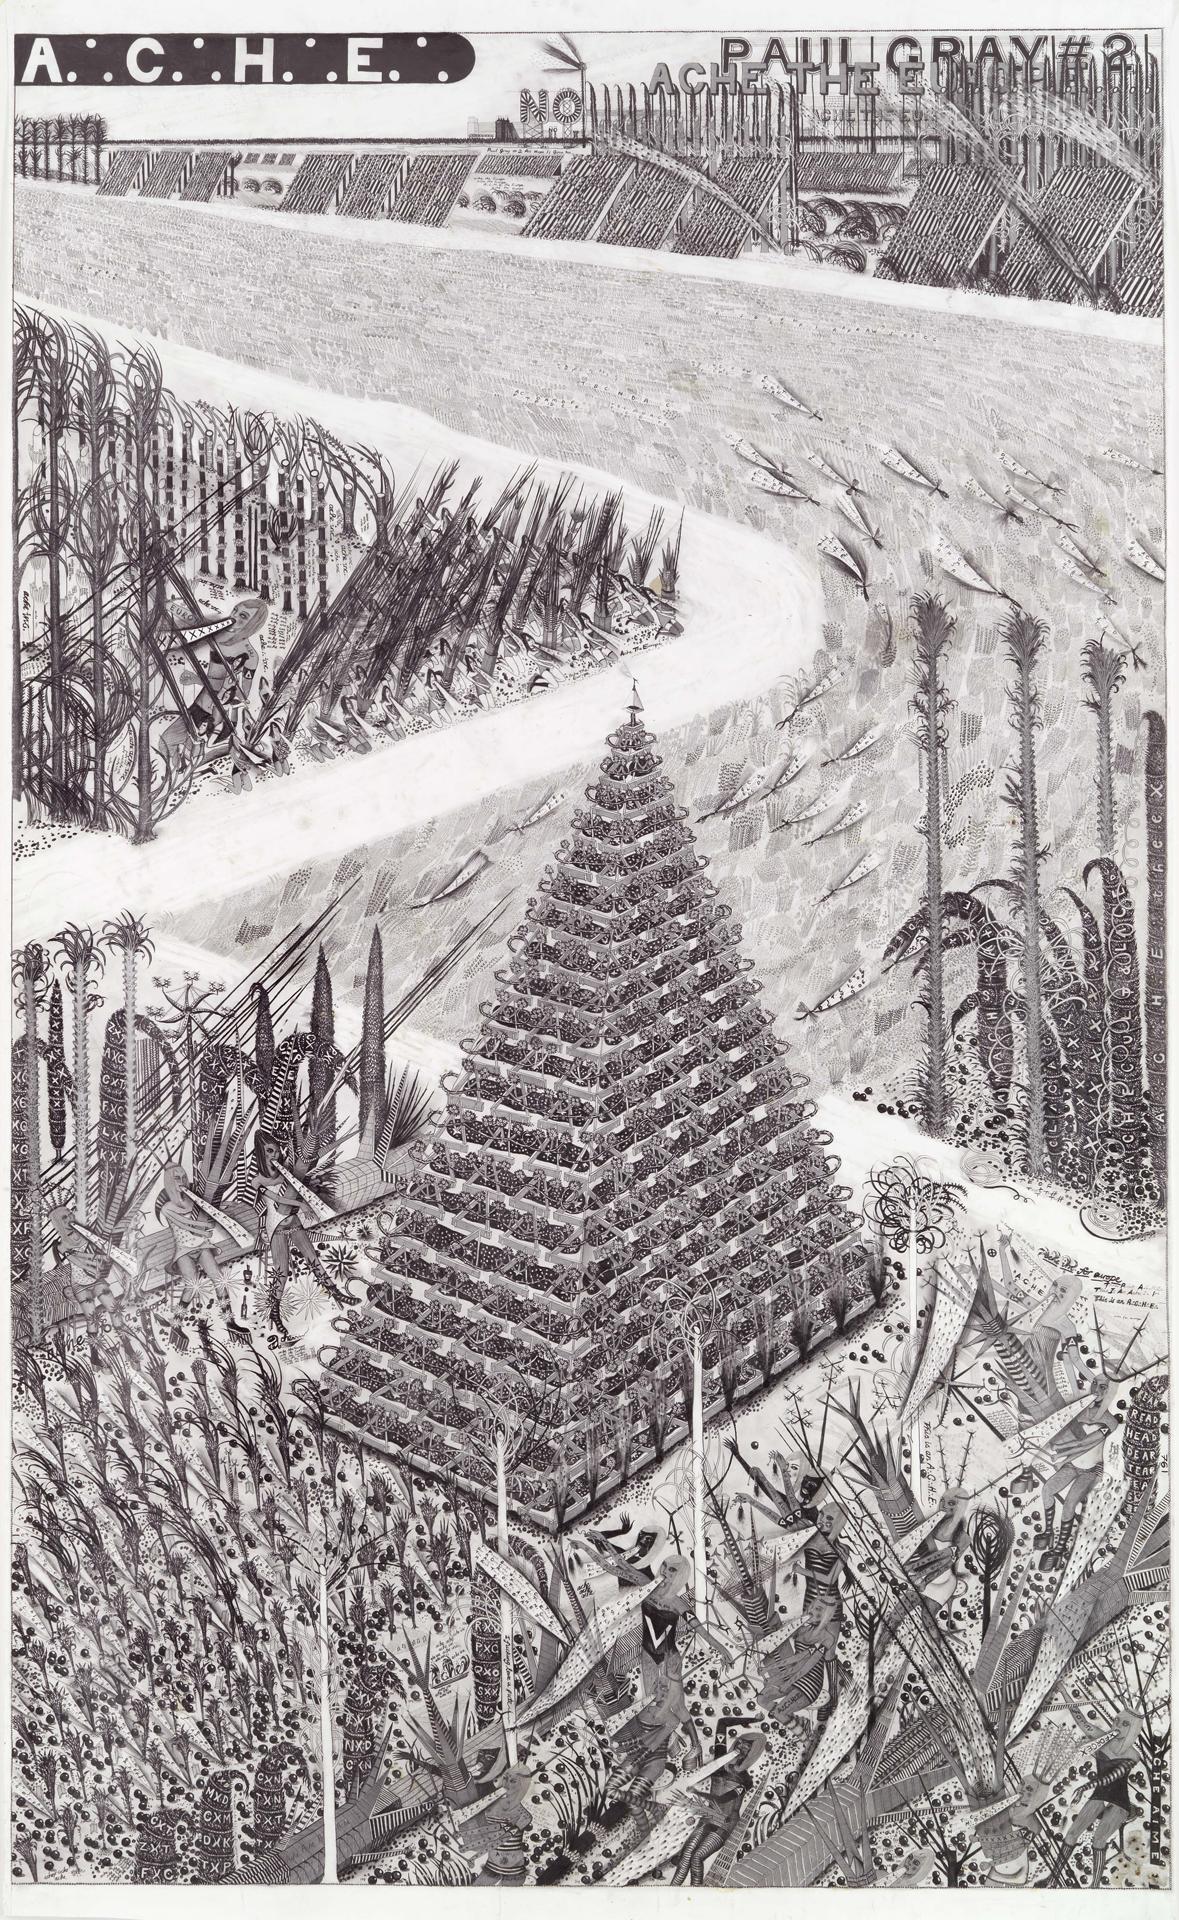 Hipkiss, A∴ C∴ H∴ E∴ 1, 2010, Bleistift und Silbertusche auf Papier, 187 x 113,2 cm